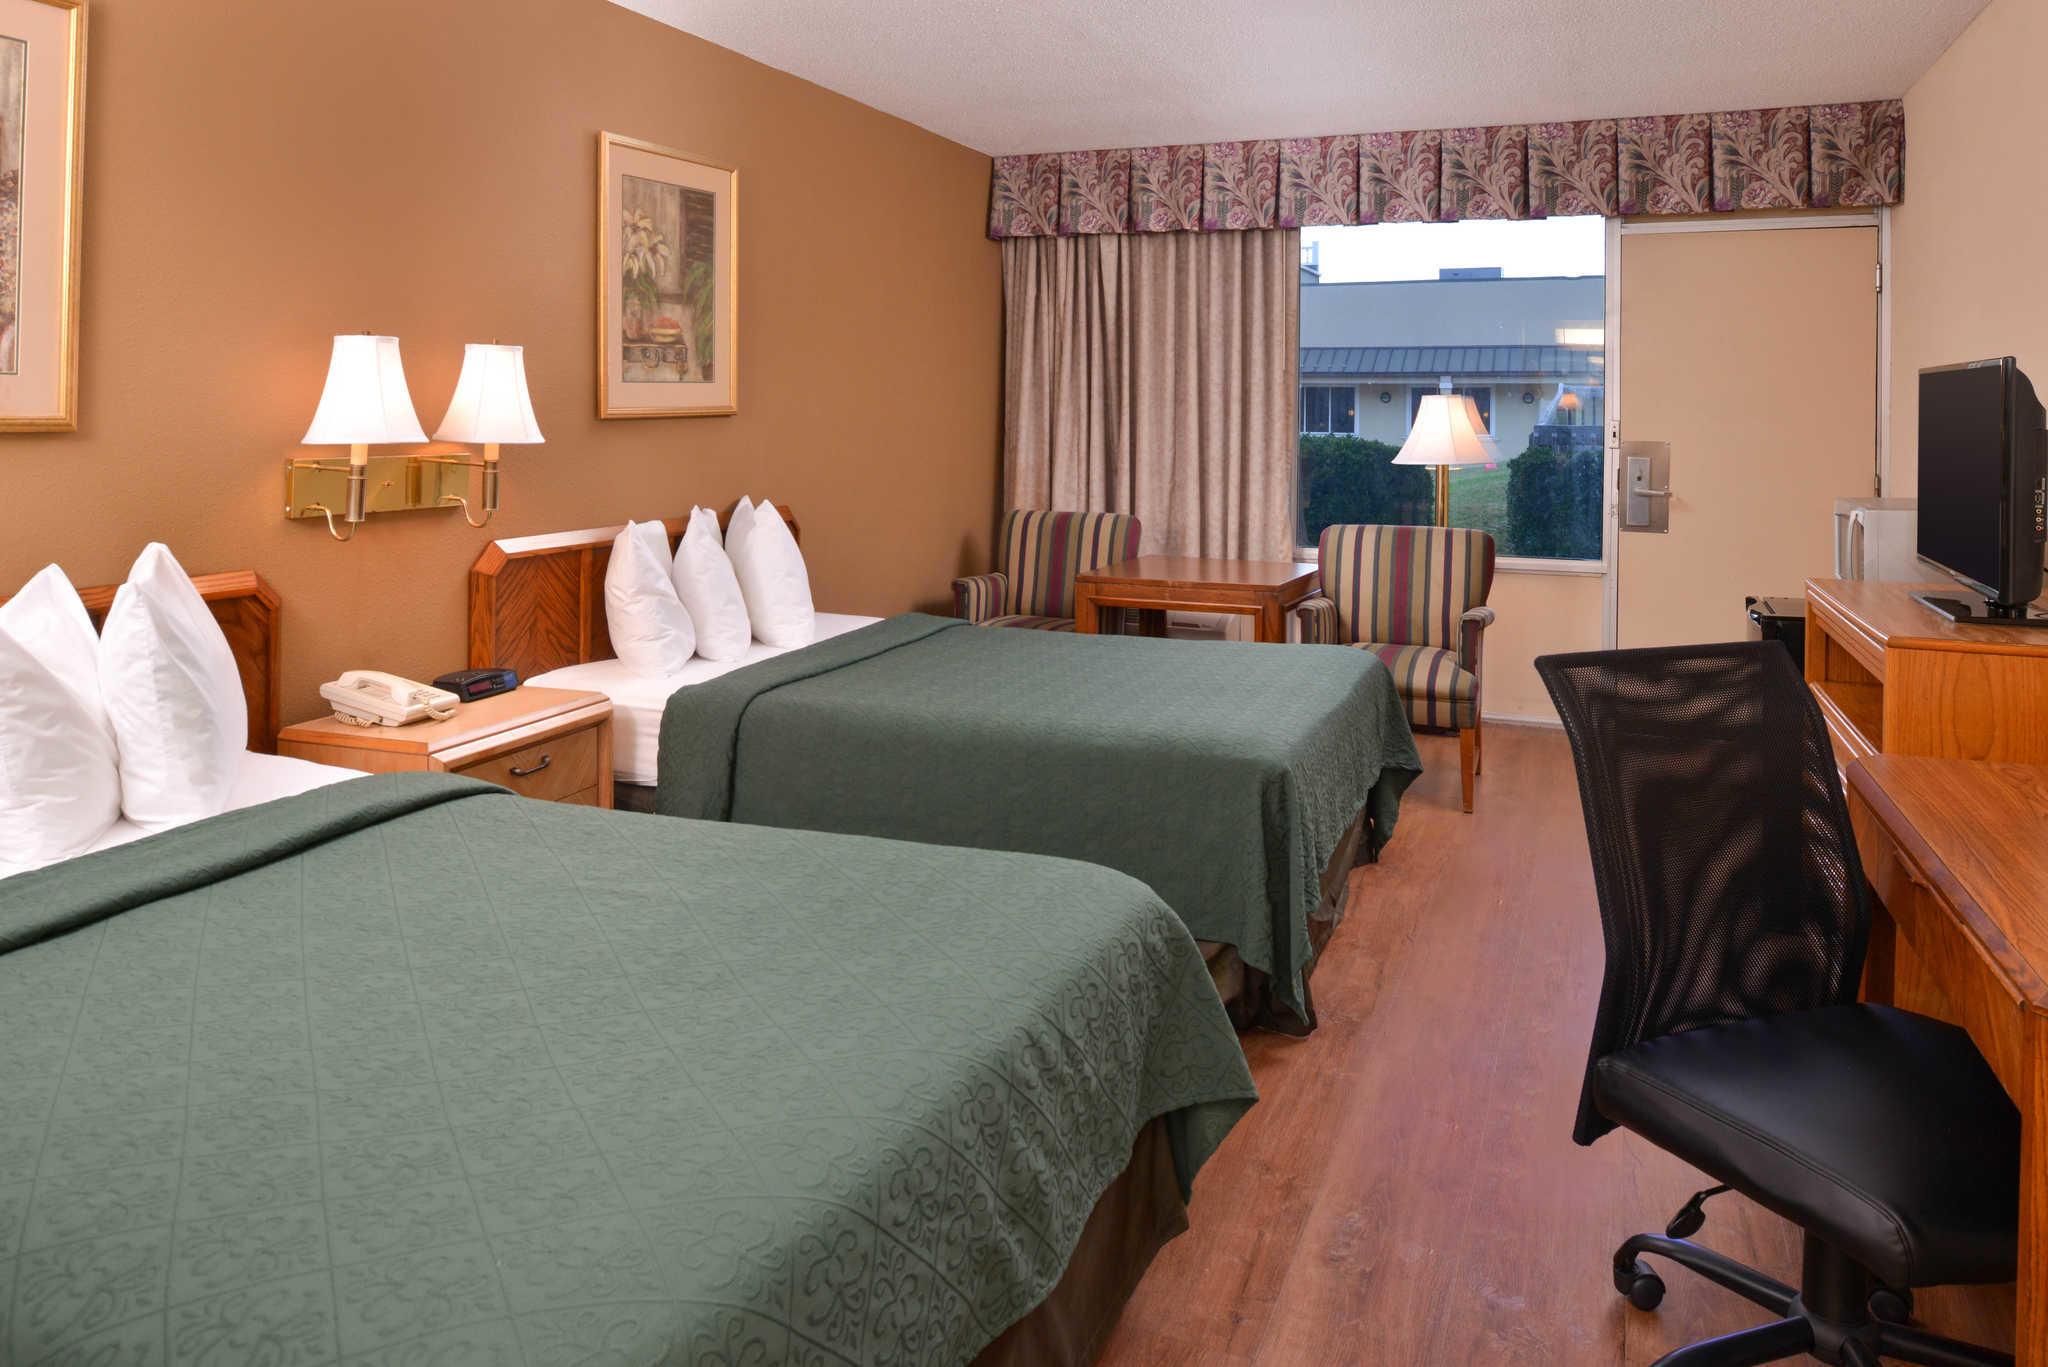 Quality Inn Dutch Inn image 10